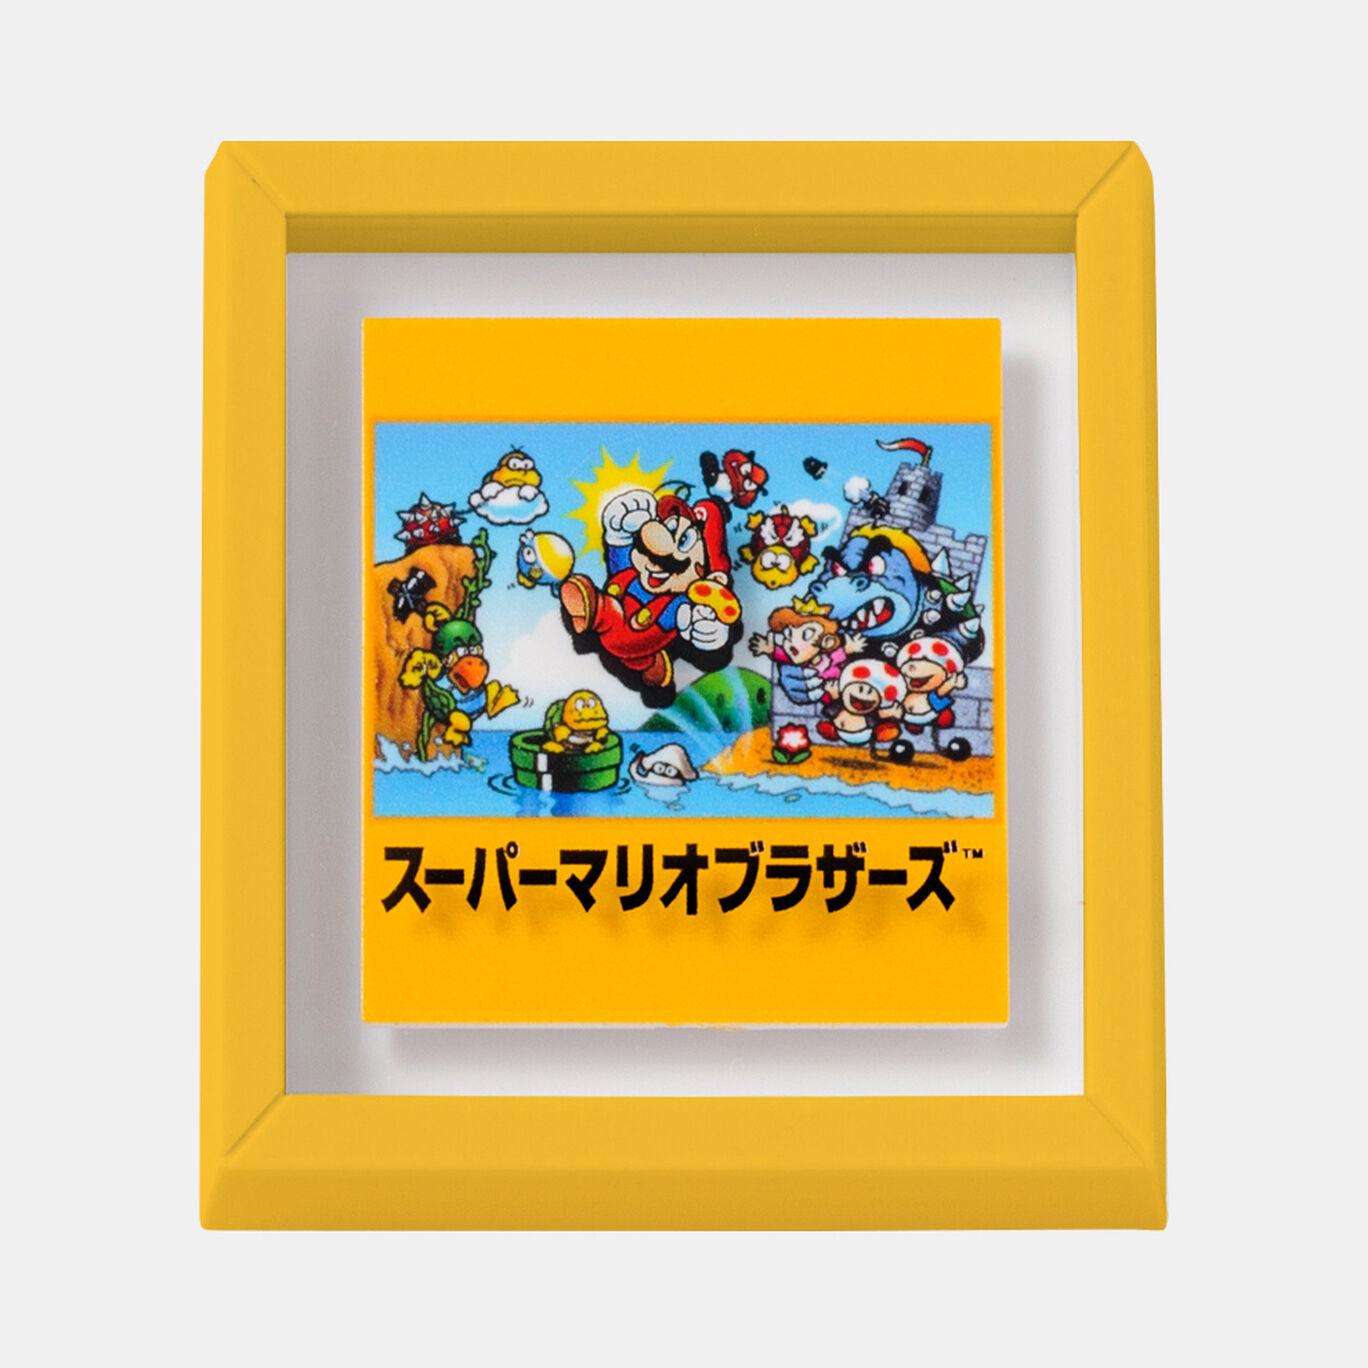 【単品】マグネットコレクション スーパーマリオ【Nintendo TOKYO取り扱い商品】